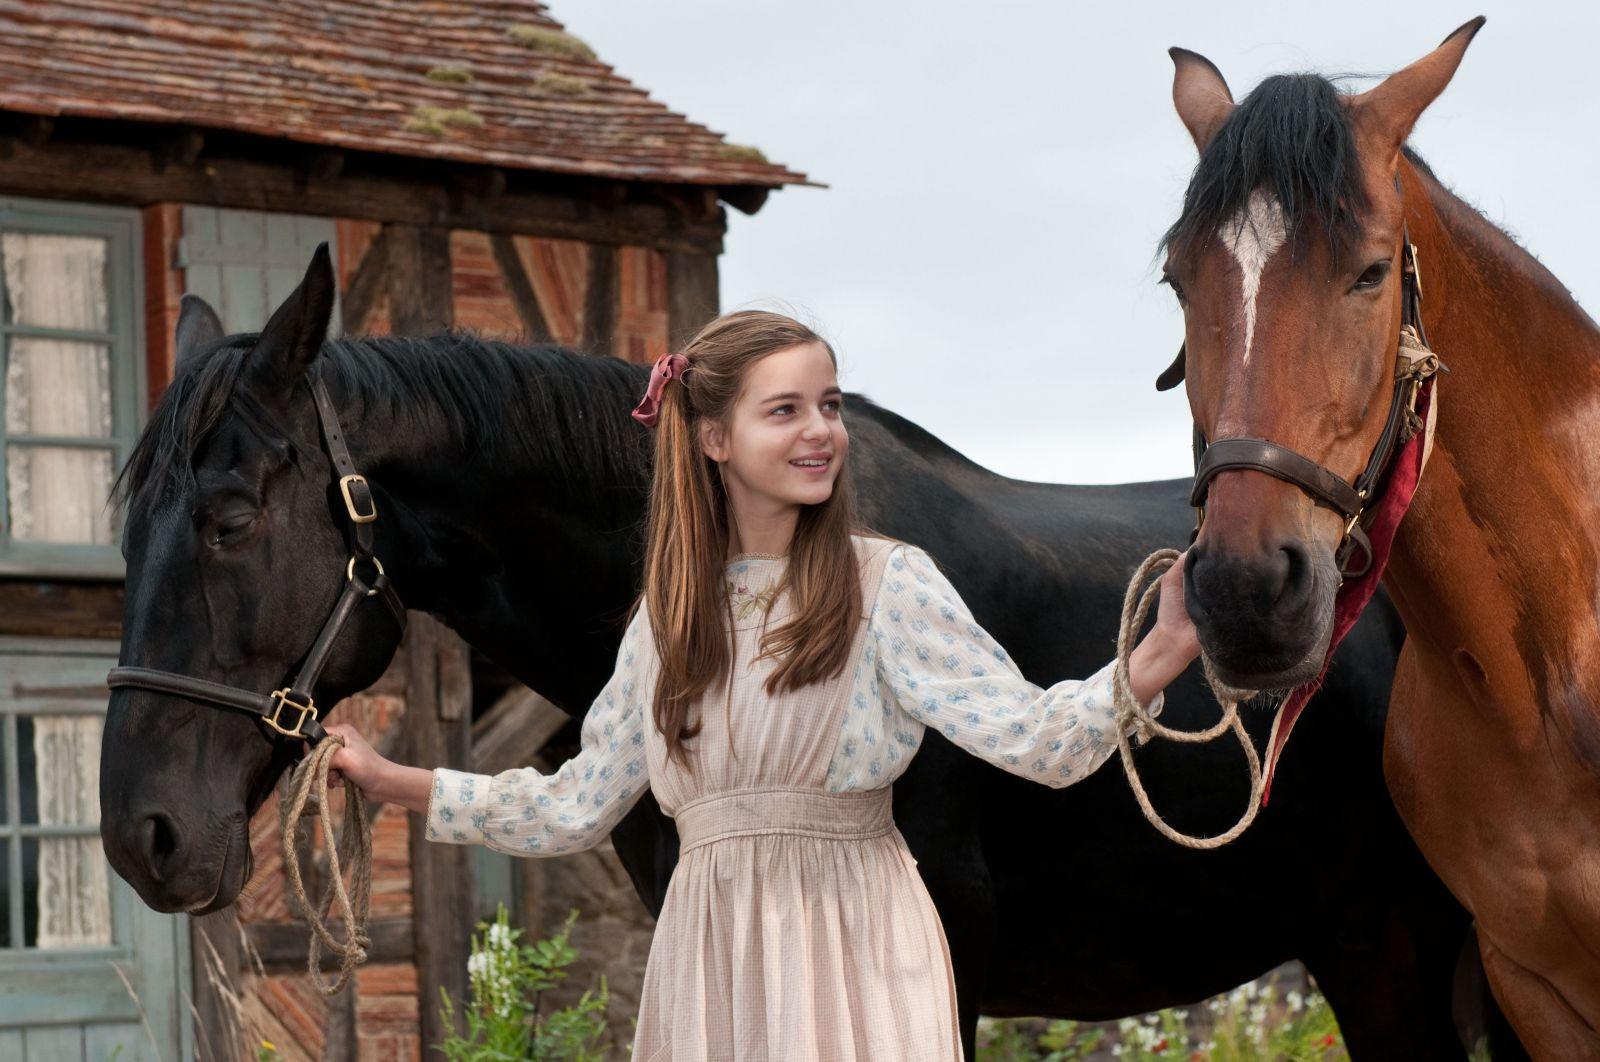 http://2.bp.blogspot.com/-MPlE8q9laHc/TwKcFcDFF_I/AAAAAAAABJw/5bpIEQcP82M/s1600/2011_war_horse_011.jpg